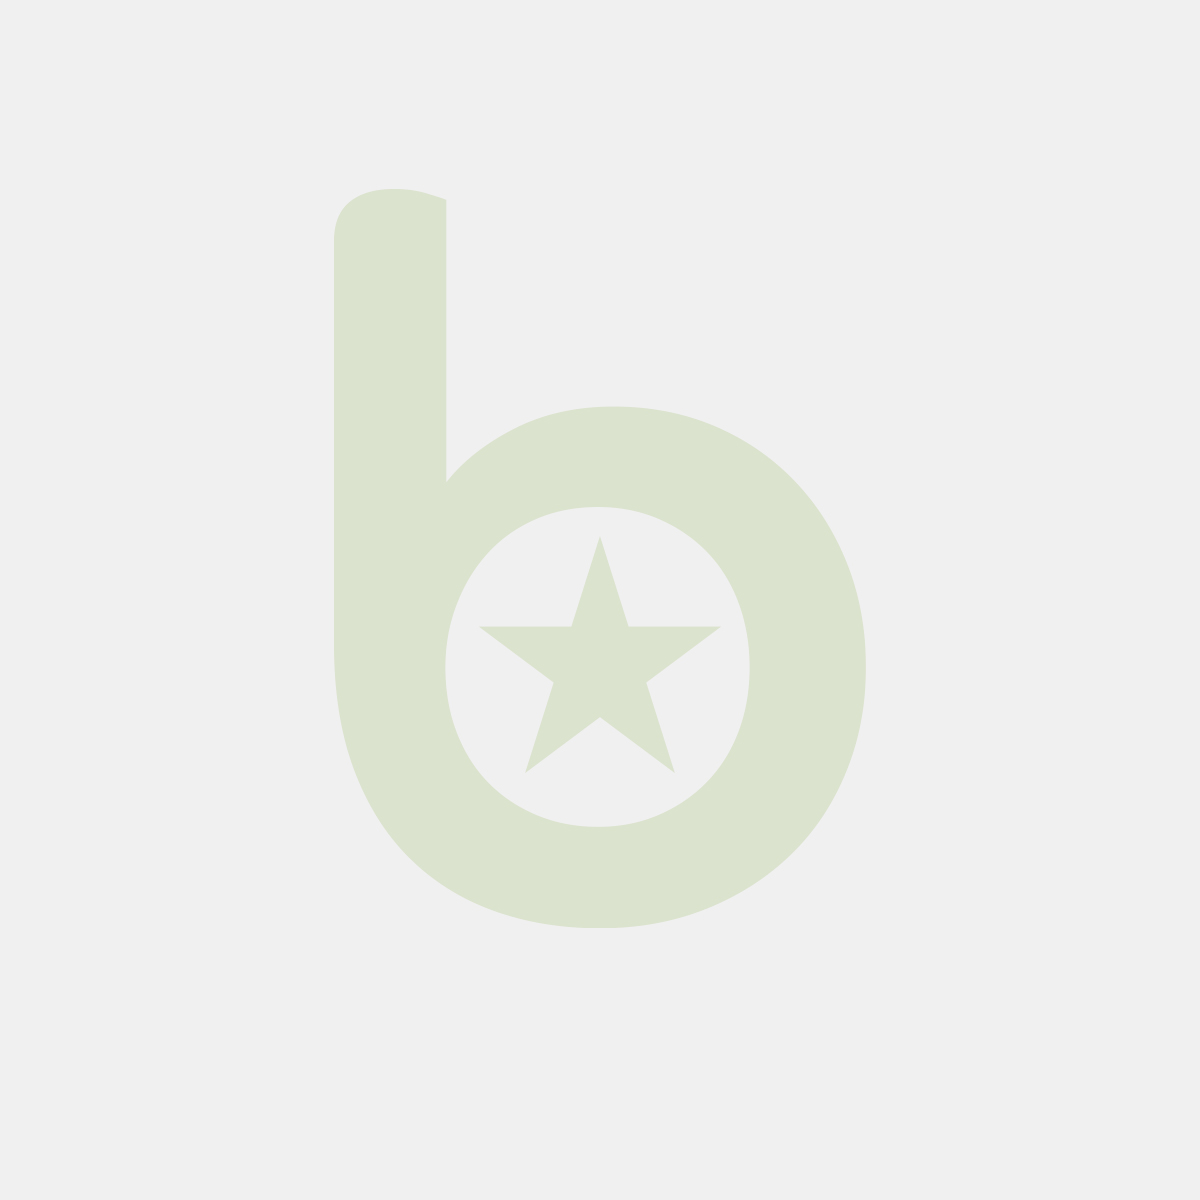 Folia wieczkowa 165/250m Polylid 103 PEEL 55mikr TnP